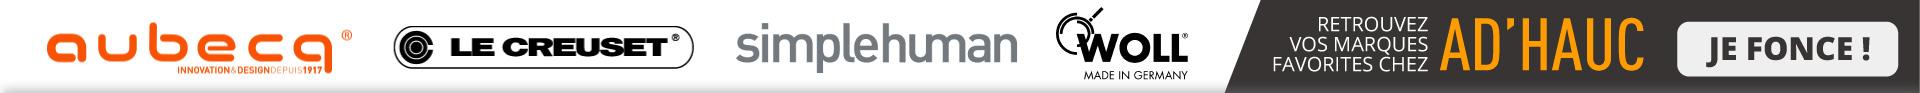 Retrouvez vos marques favorites chez AD\'HAUC !